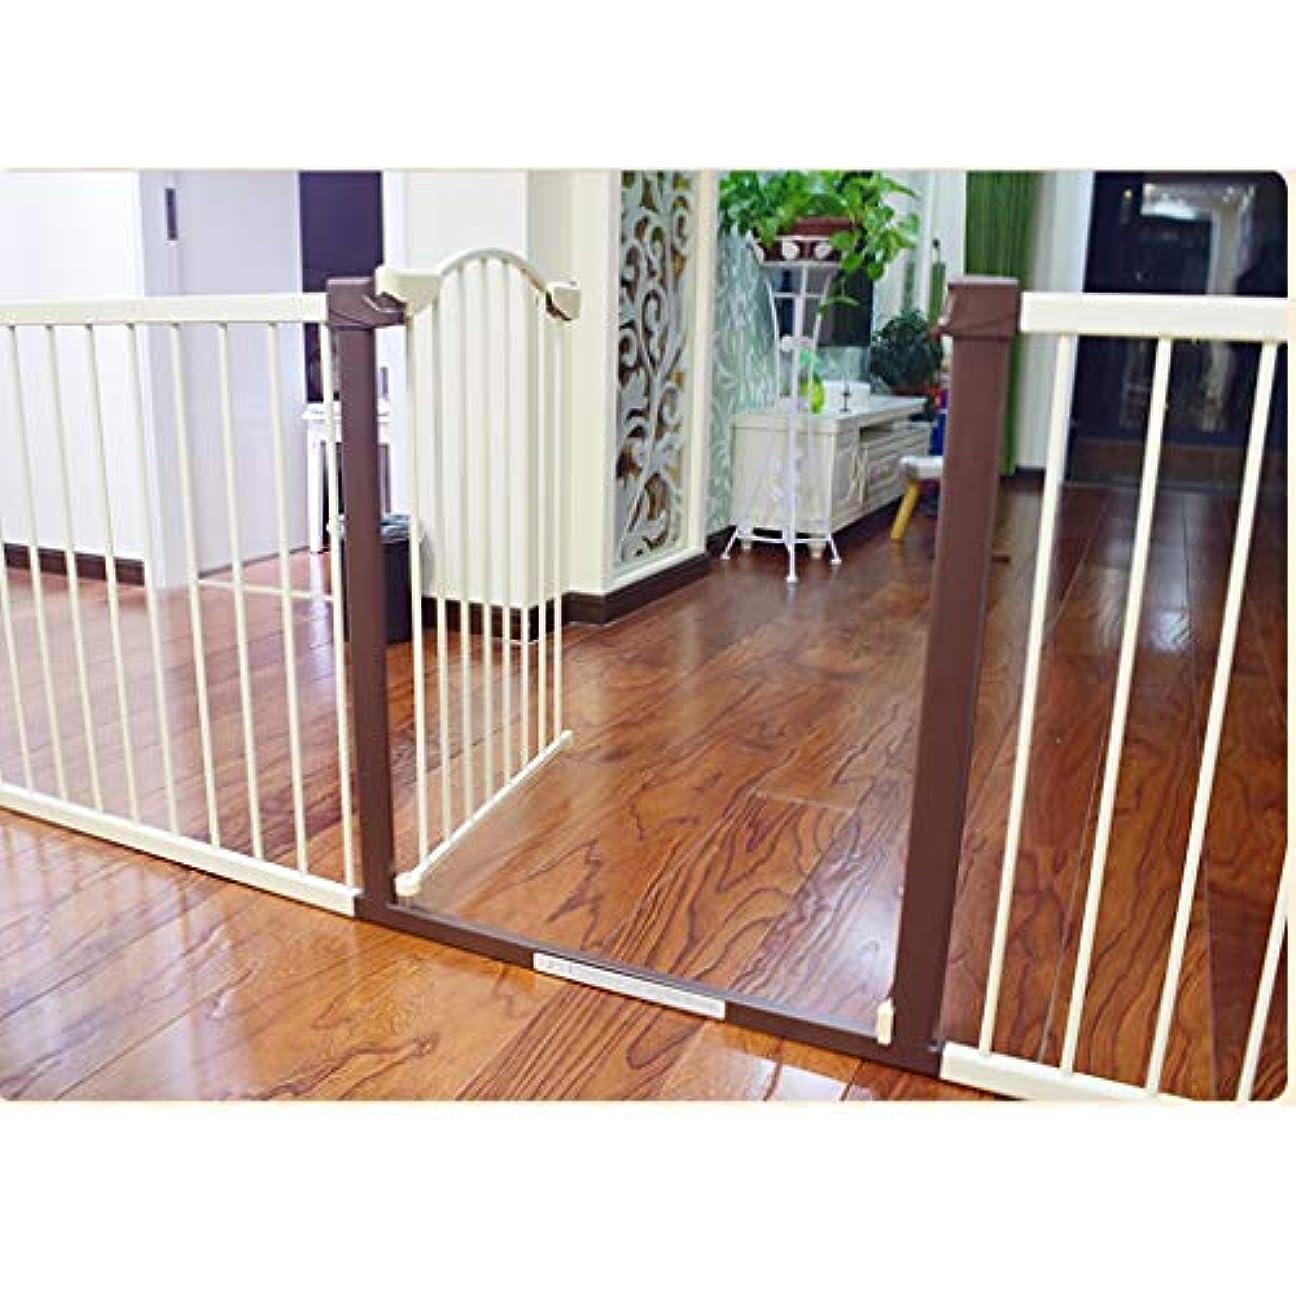 例外海岸属性育児 ベビーゲート キッズ階段の安全性門オート閉じることができます拡張犬ペットバリアホーム戸口階段ガードレール ベビーフェンス (Size : 80-85cm)